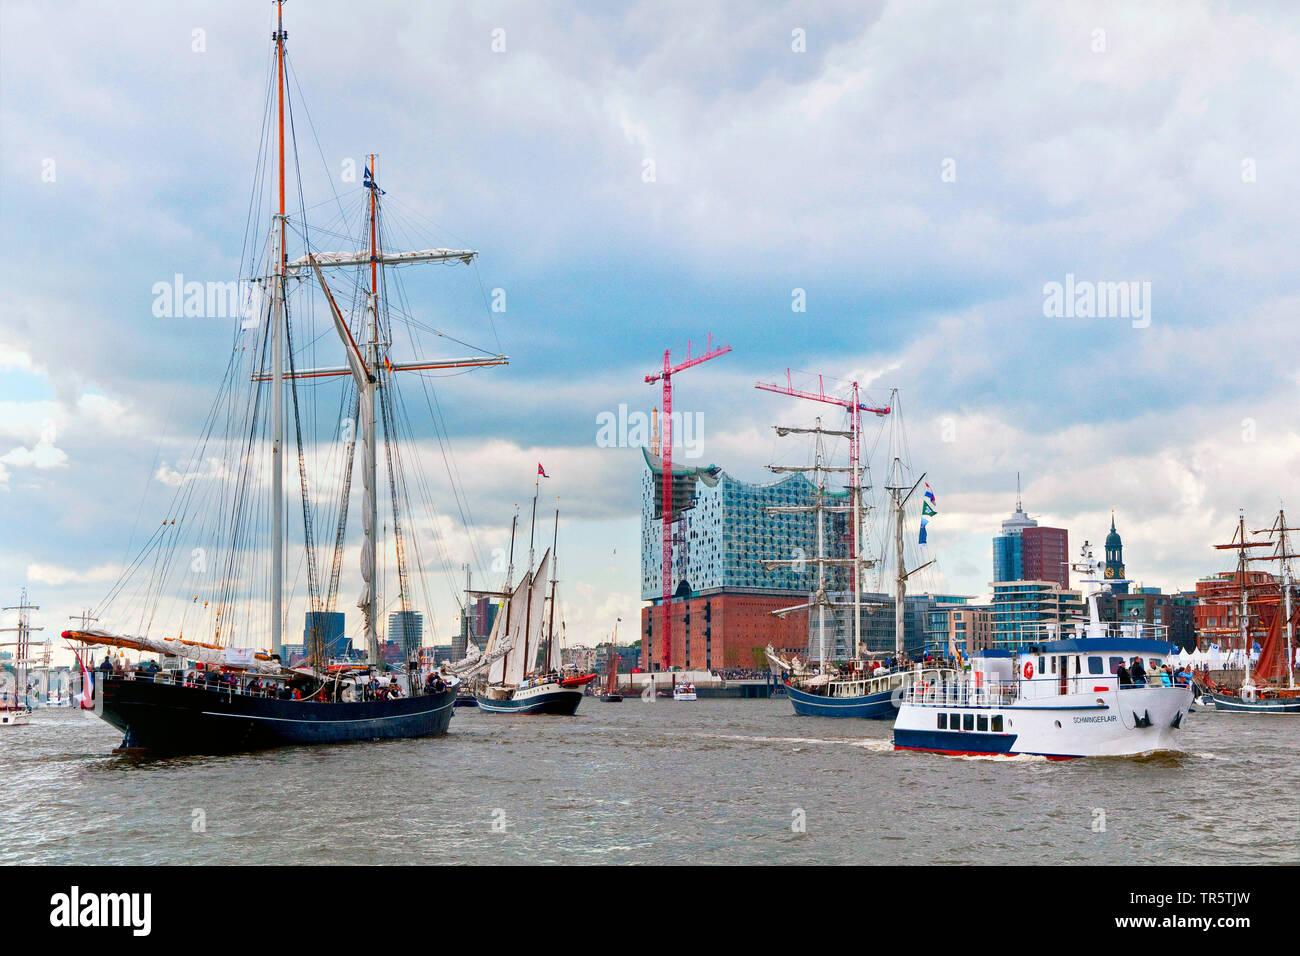 Hamburger Hafen, 823. Hafengeburtstag, Vorbereitung zur auslaufparade, Elbphilharmonie im Hintergrund, 13.05.2012, Deutschland, Hamburg | Hafen von hamb Stockbild